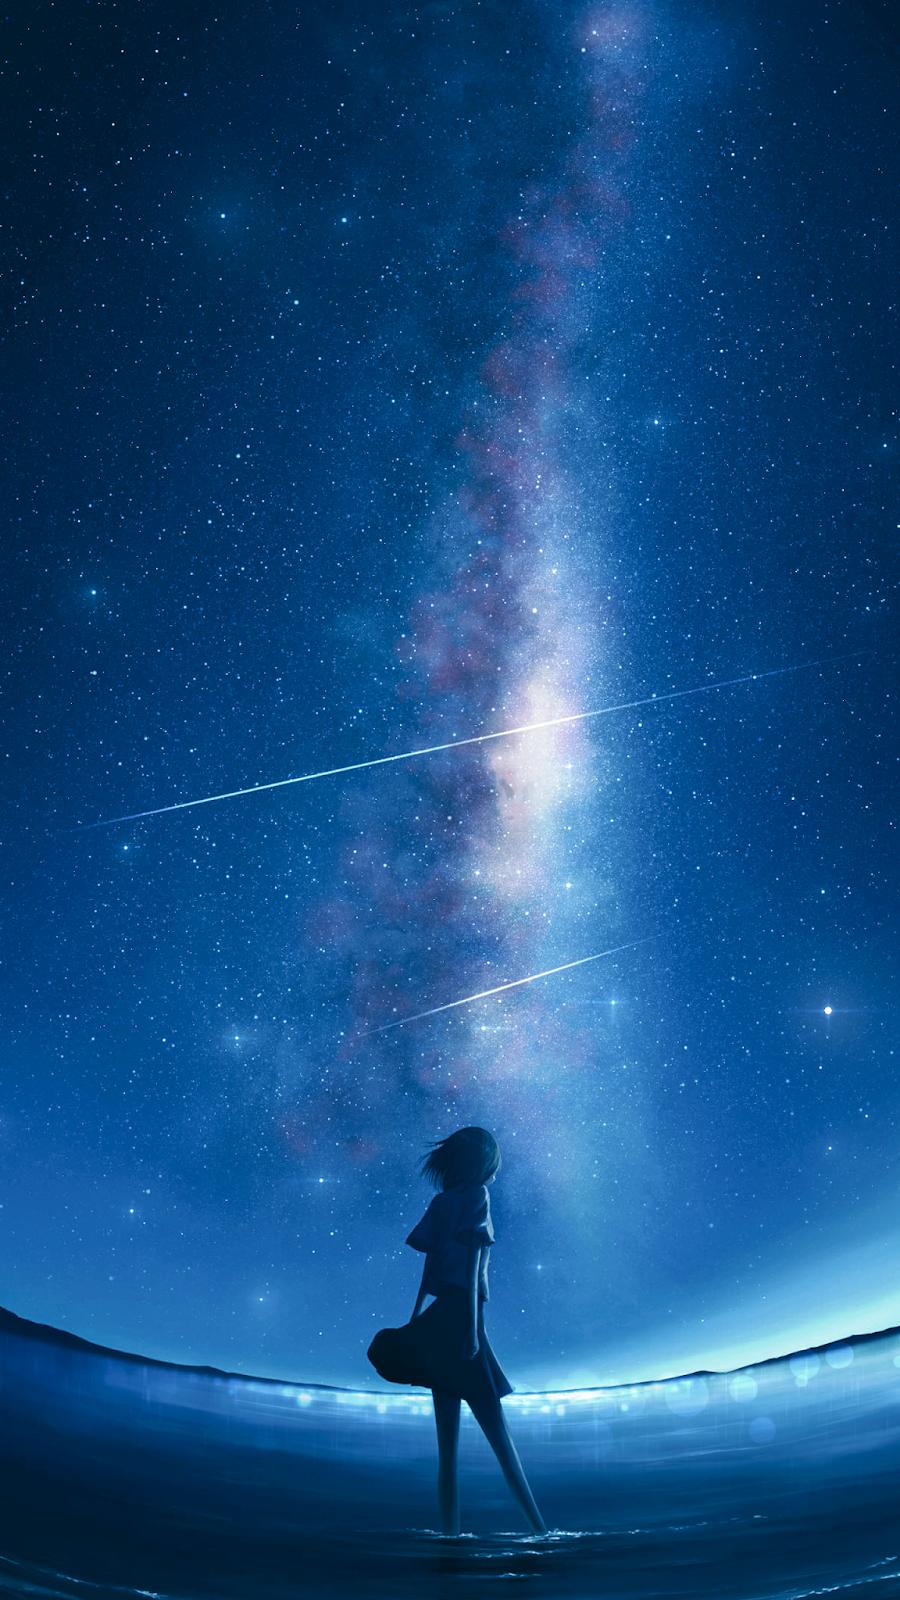 Pin Oleh Melody Golden Di Anything Di 2020 Pemandangan Khayalan Pemandangan Anime Pemandangan